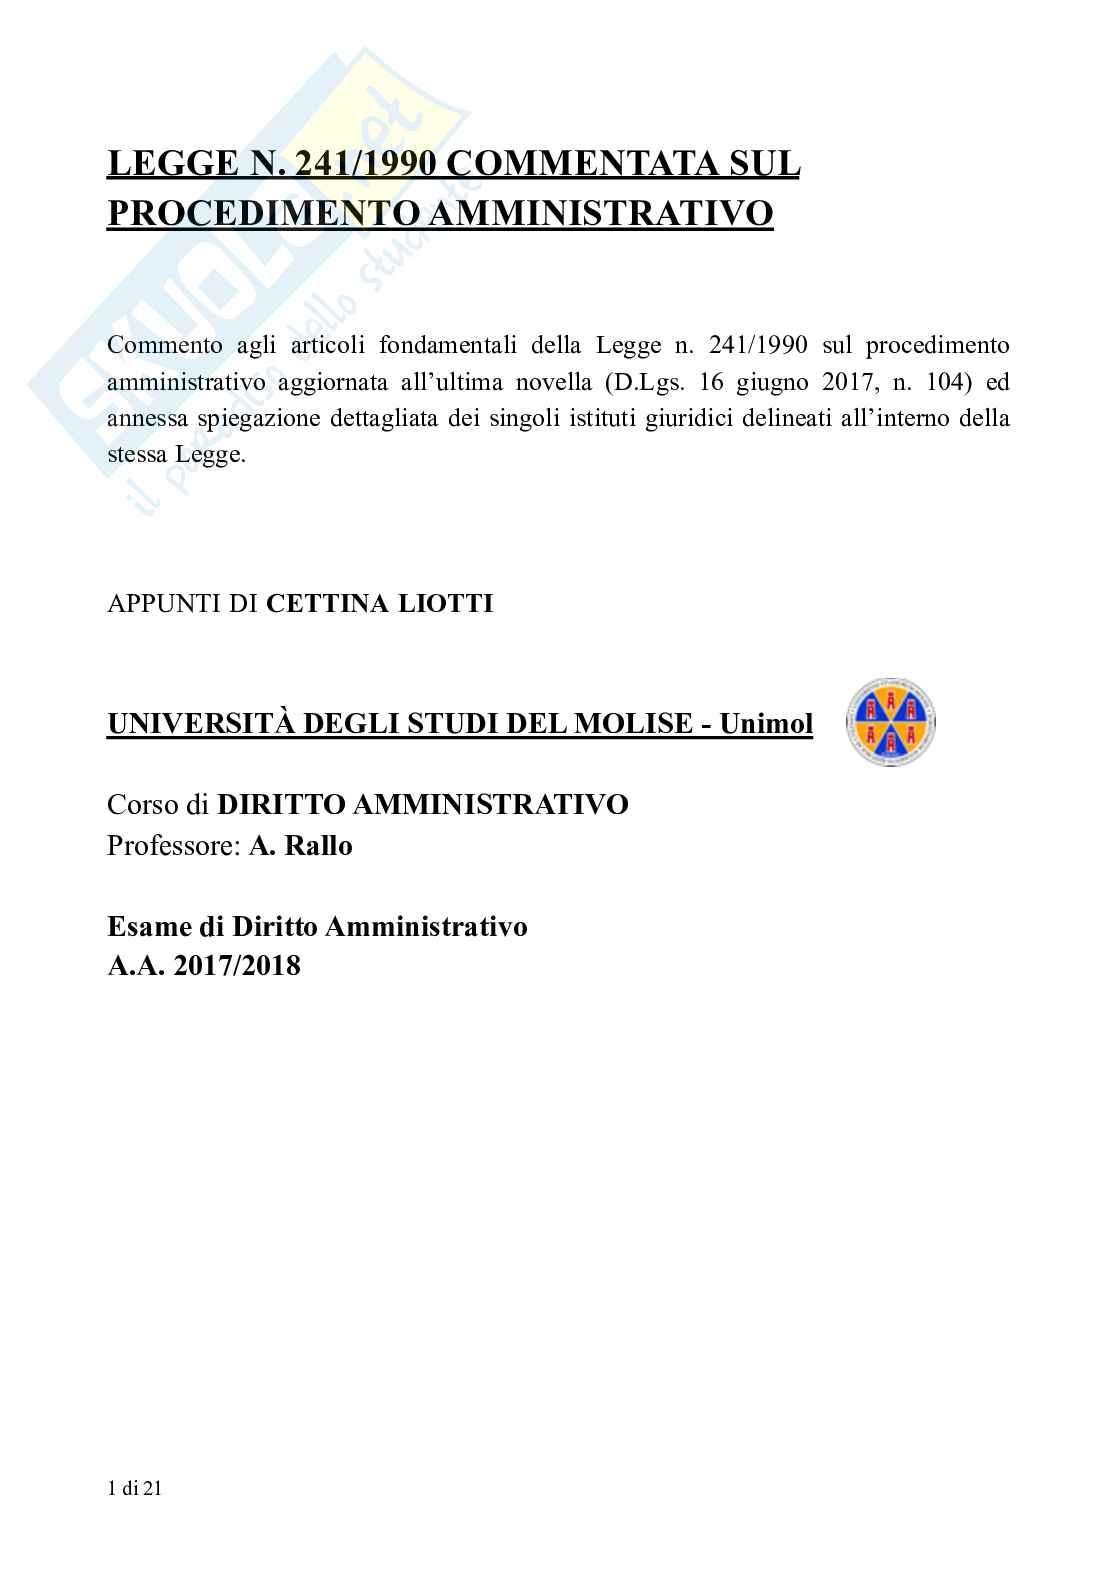 Appunti di Diritto Amministrativo: legge sul procedimento amministrativo (L. 241/1990) commentata Pag. 1